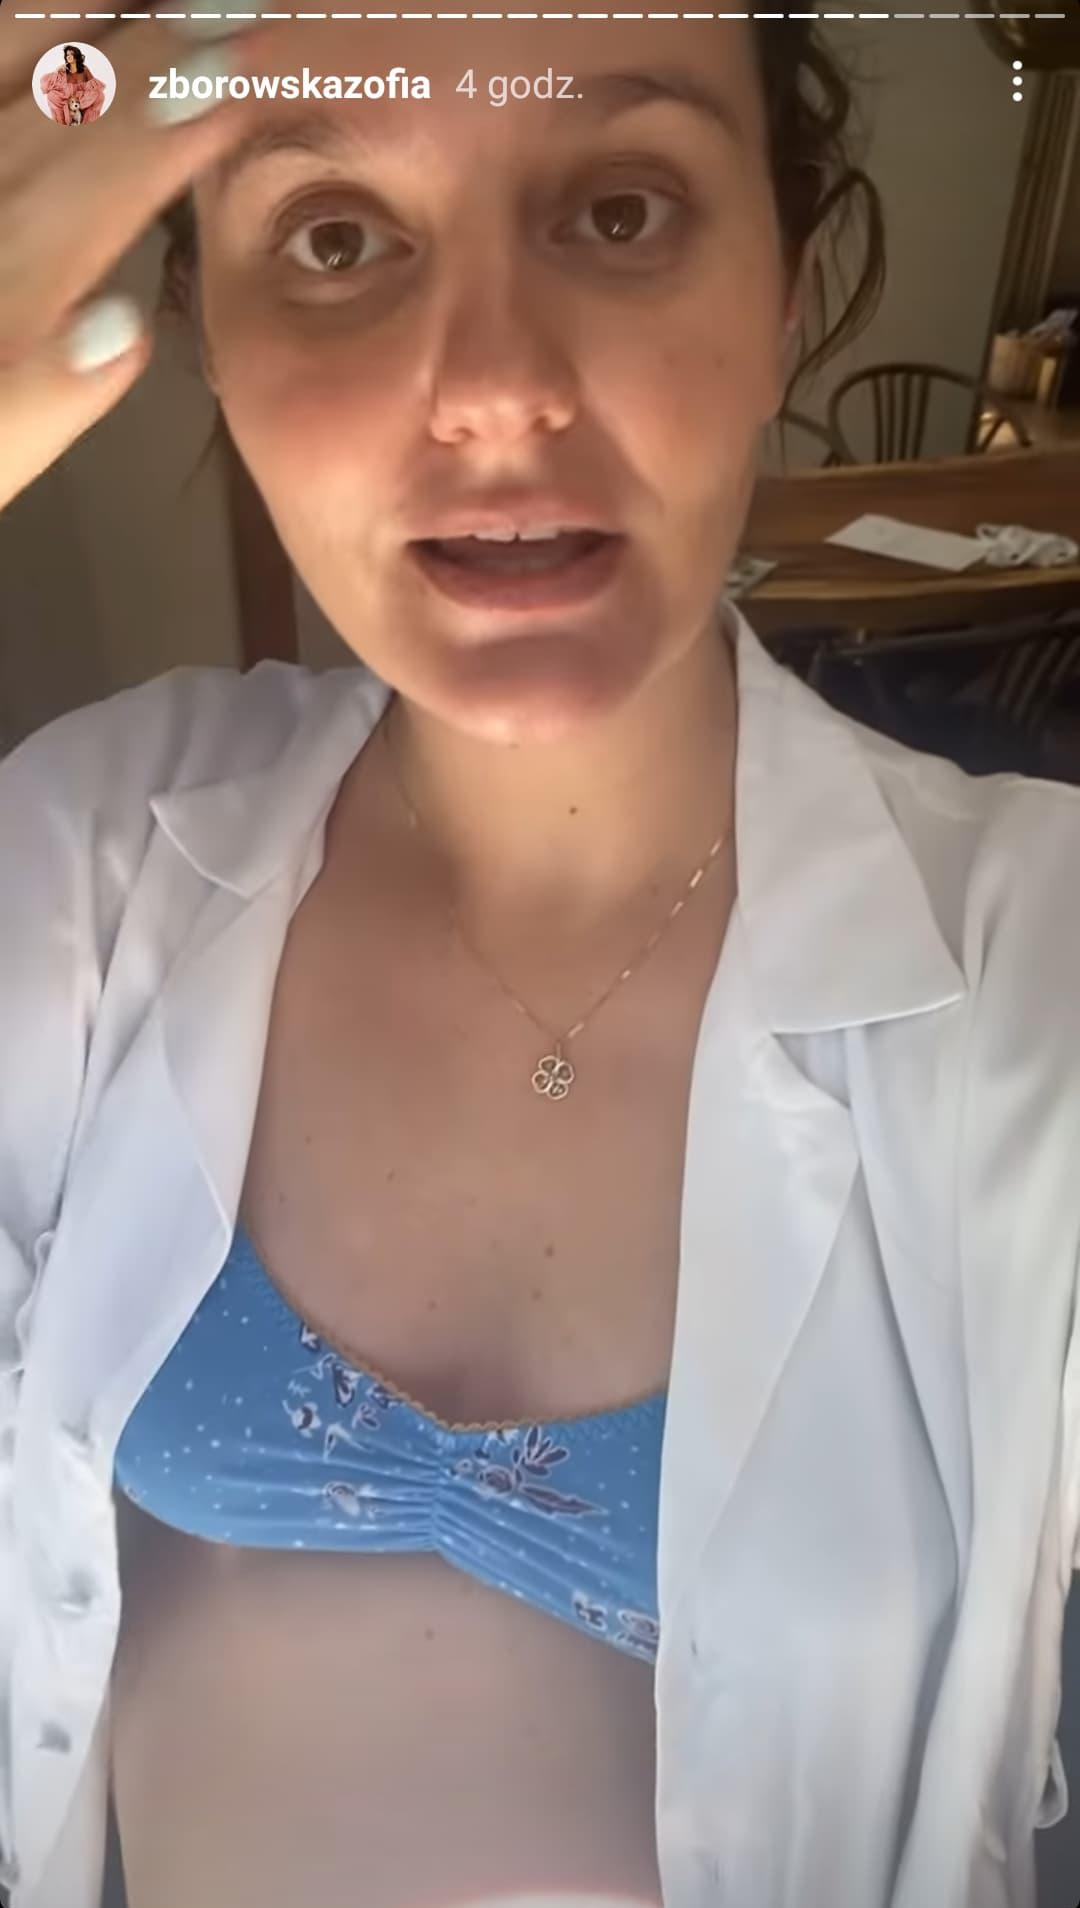 Zosia Zborowska w ciąży